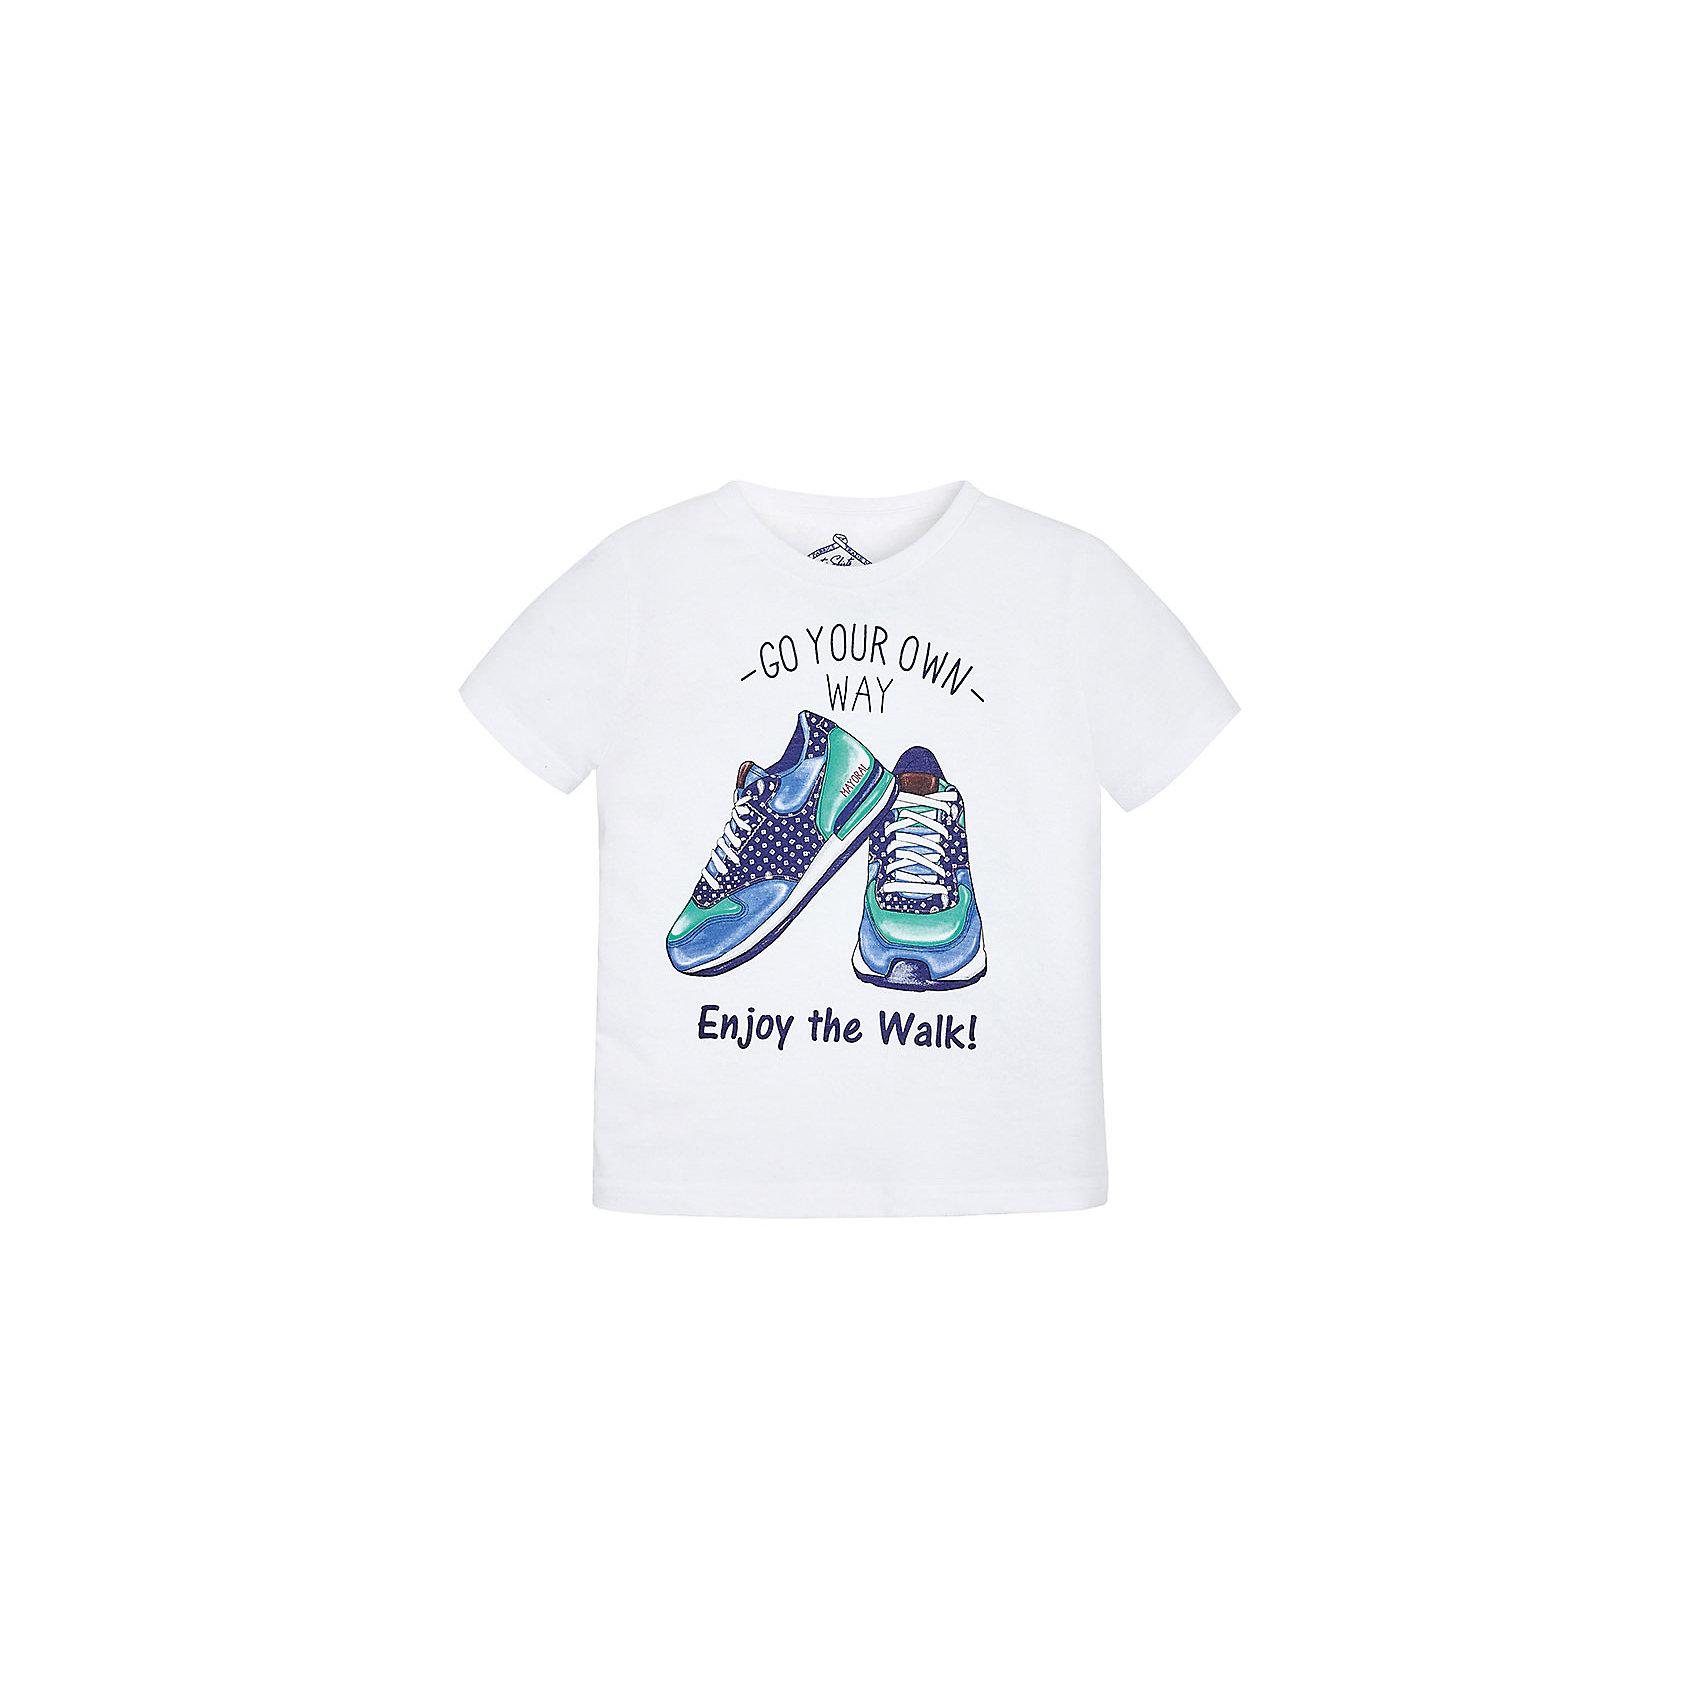 Футболка для мальчика MayoralФутболка для мальчика от известной испанской марки Mayoral <br><br>Стильная футболка от Mayoral - отличный вариант одежды на каждый день! Она прекрасно сочетается с джинсами и шортами.  Модель выполнена из качественных материалов, отлично садится по фигуре.<br><br>Особенности модели:<br><br>- цвет: белый;<br>- рукава короткие;<br>- украшена принтом;<br>- окантовка ворота.<br><br>Дополнительная информация:<br><br>Состав: 65% полиэстер, 35% хлопок<br><br>Футболку для мальчика Mayoral (Майорал) можно купить в нашем магазине.<br><br>Ширина мм: 199<br>Глубина мм: 10<br>Высота мм: 161<br>Вес г: 151<br>Цвет: белый<br>Возраст от месяцев: 72<br>Возраст до месяцев: 84<br>Пол: Мужской<br>Возраст: Детский<br>Размер: 122,134,128,116,104,98,110<br>SKU: 4541347